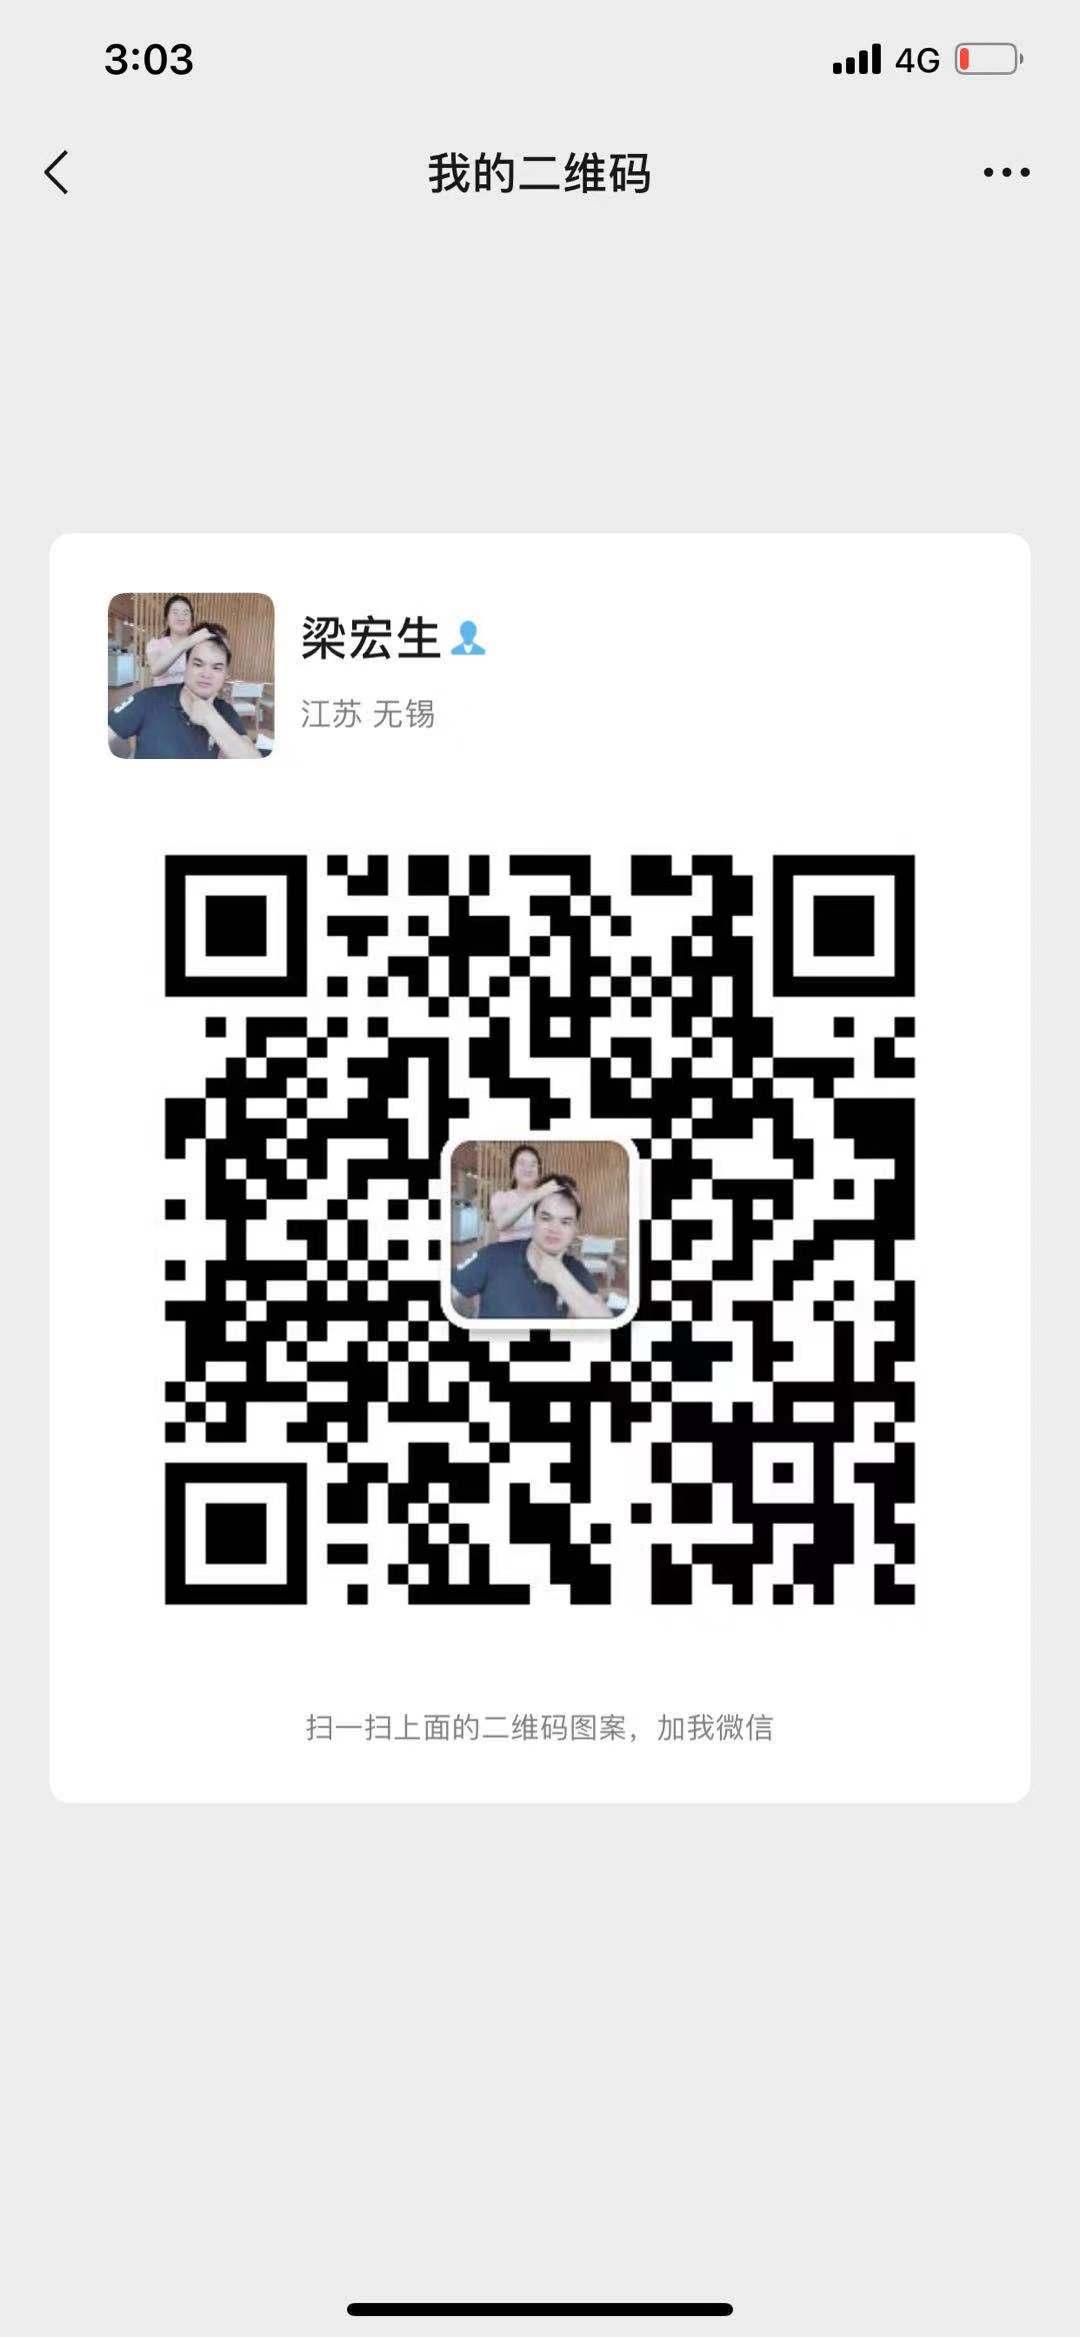 江蘇騰錦工程科技有限公司